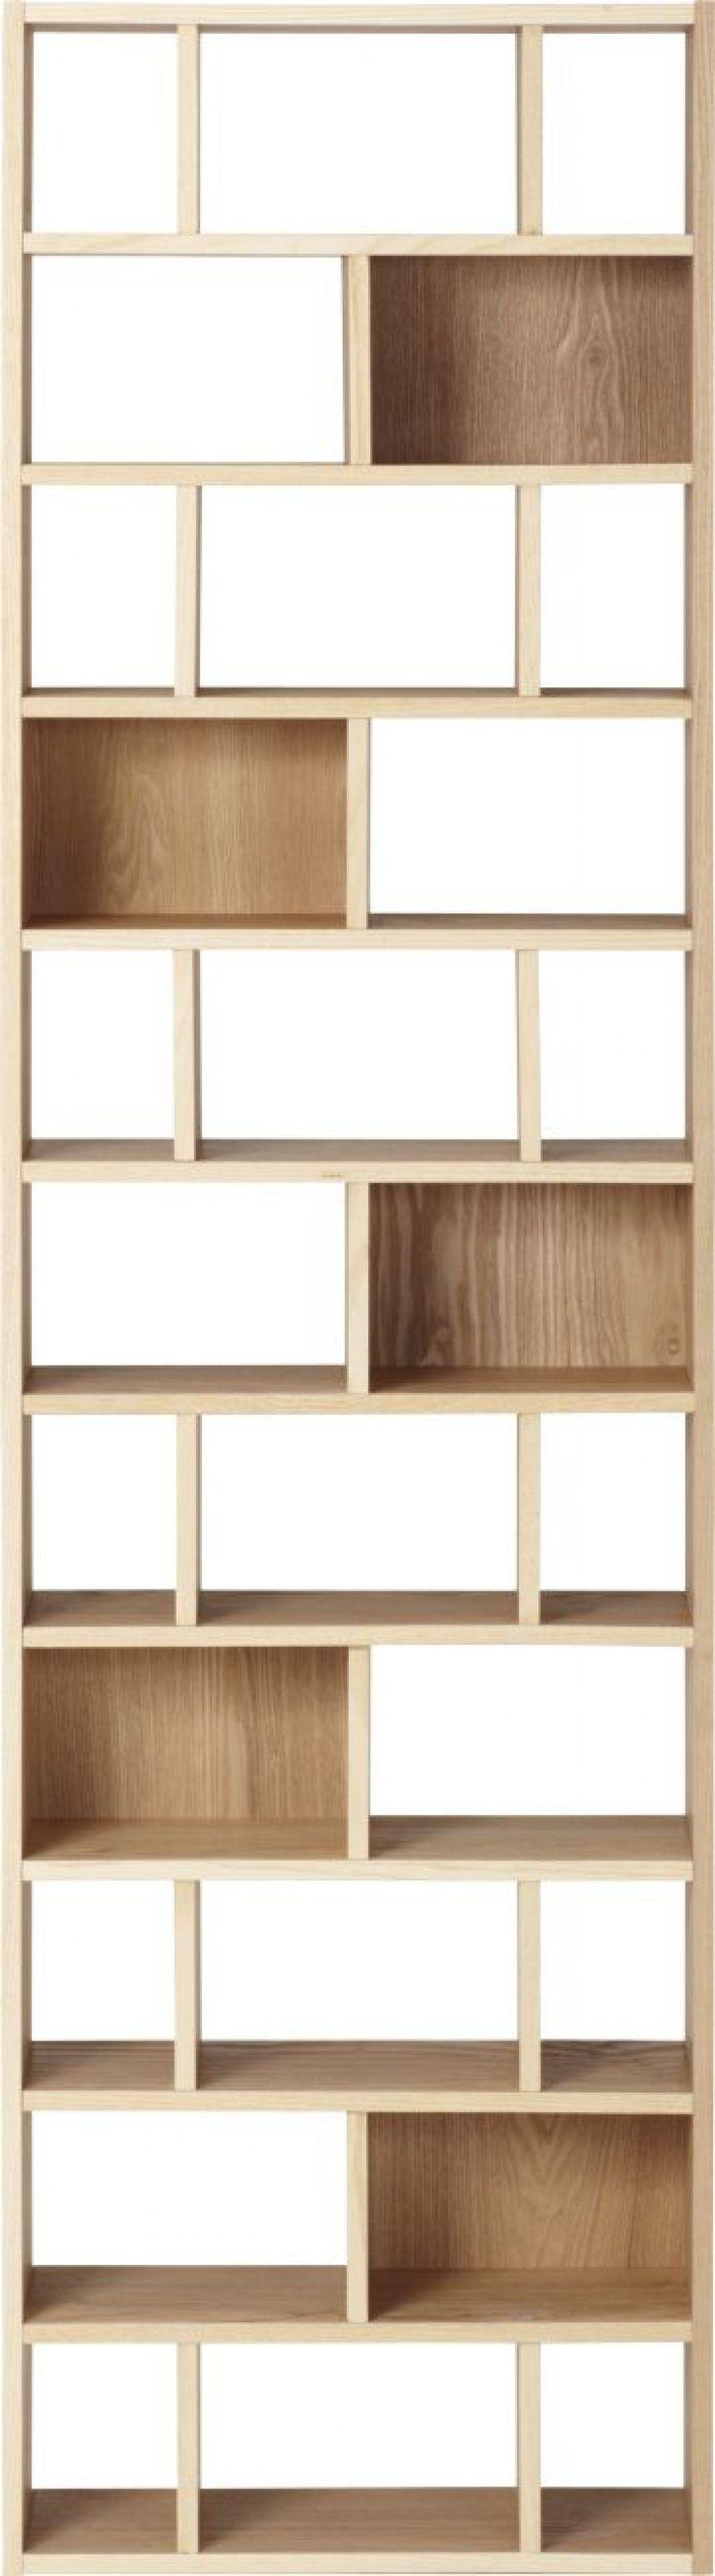 les 25 meilleures id es de la cat gorie range cd sur pinterest meuble range cd tag re range. Black Bedroom Furniture Sets. Home Design Ideas